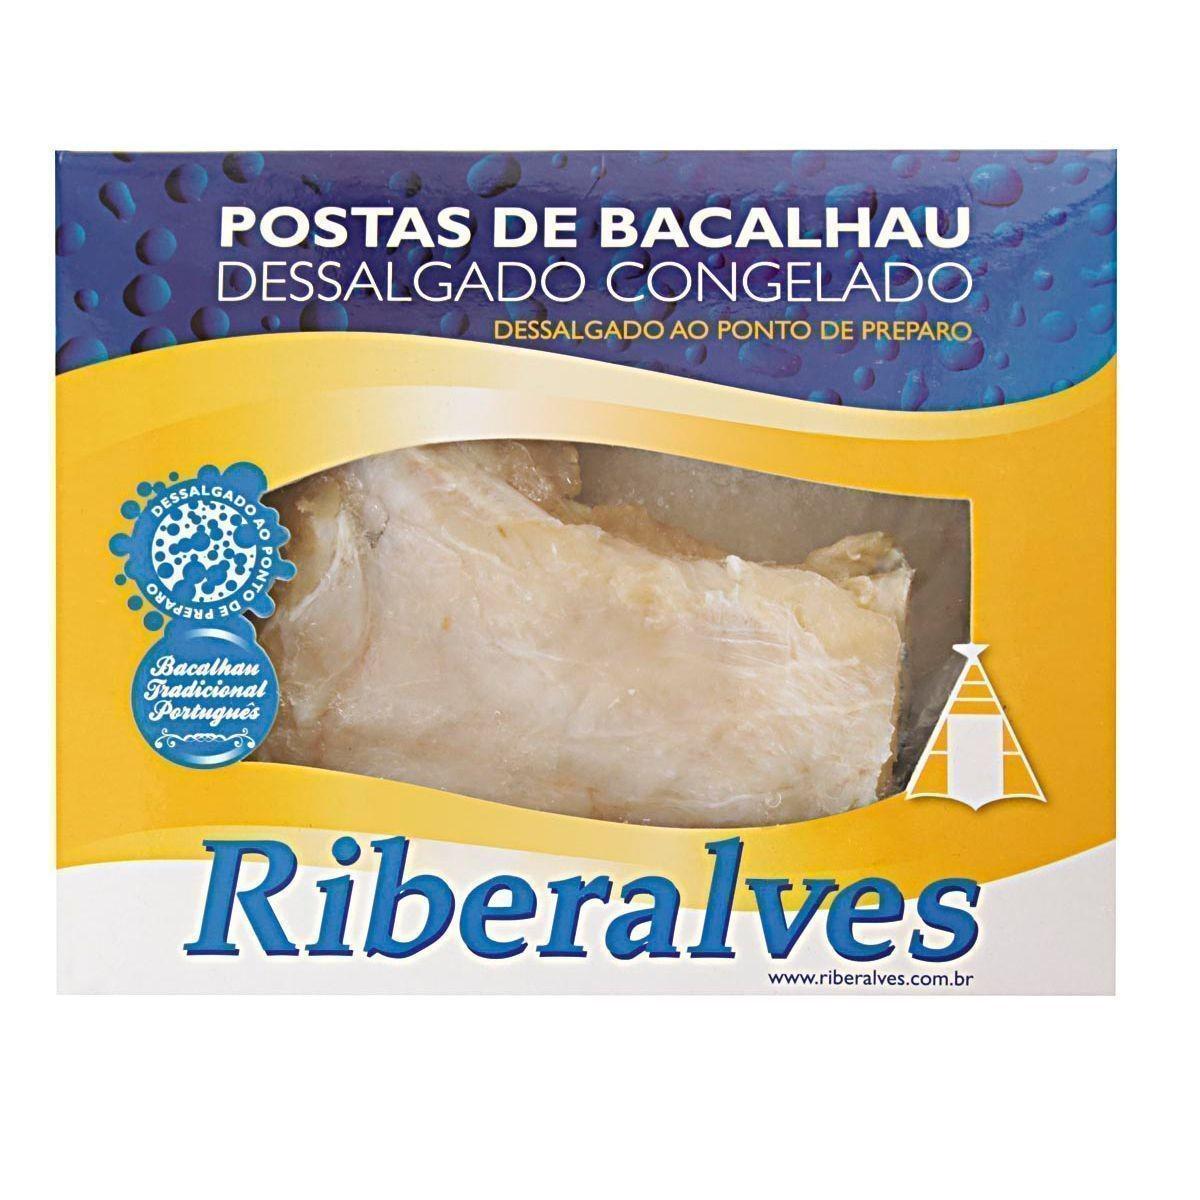 POSTAS DE BACALHAU SAITHE DESSALGADAS RIBERALVES 800G